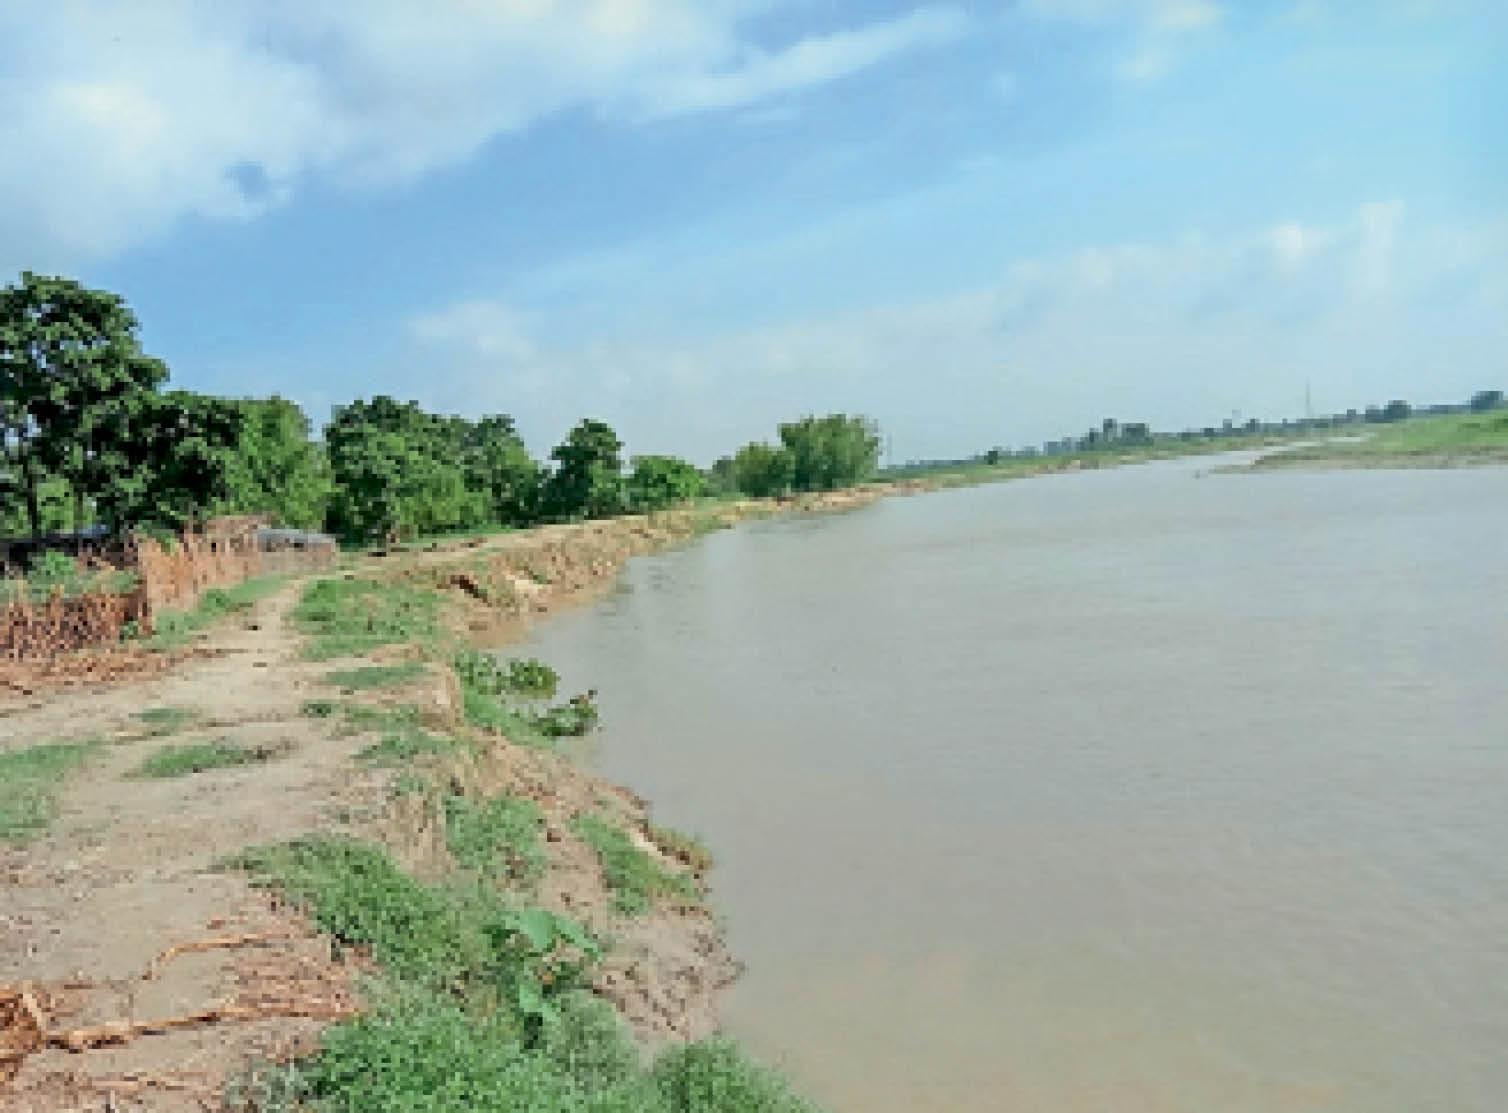 बढ़ने लगा बकरा नदी का जलस्तर। इसी को देखकर लोगों में भय का माहौल। - Dainik Bhaskar